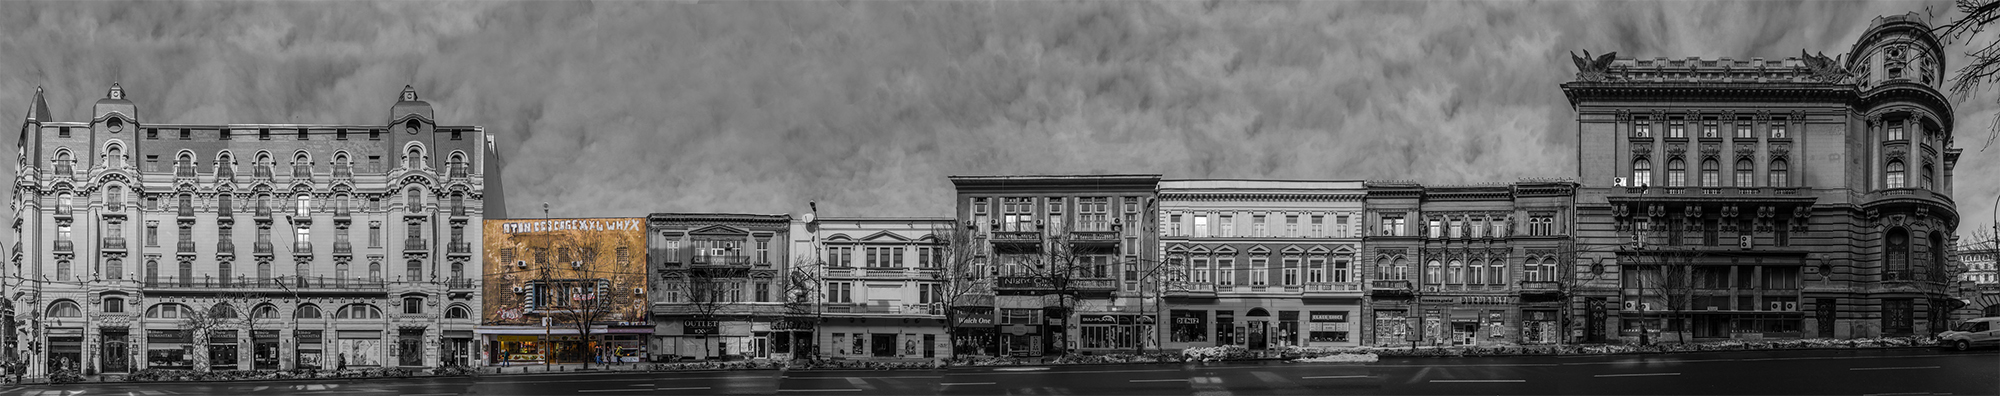 2017 Bulevardul Elisabeta Cișmigiu, Capitol, Festival, București, Cercul Militar / hub cultural Cinema / Teatru de vară Capitol © Alex Iacob / save or cancel